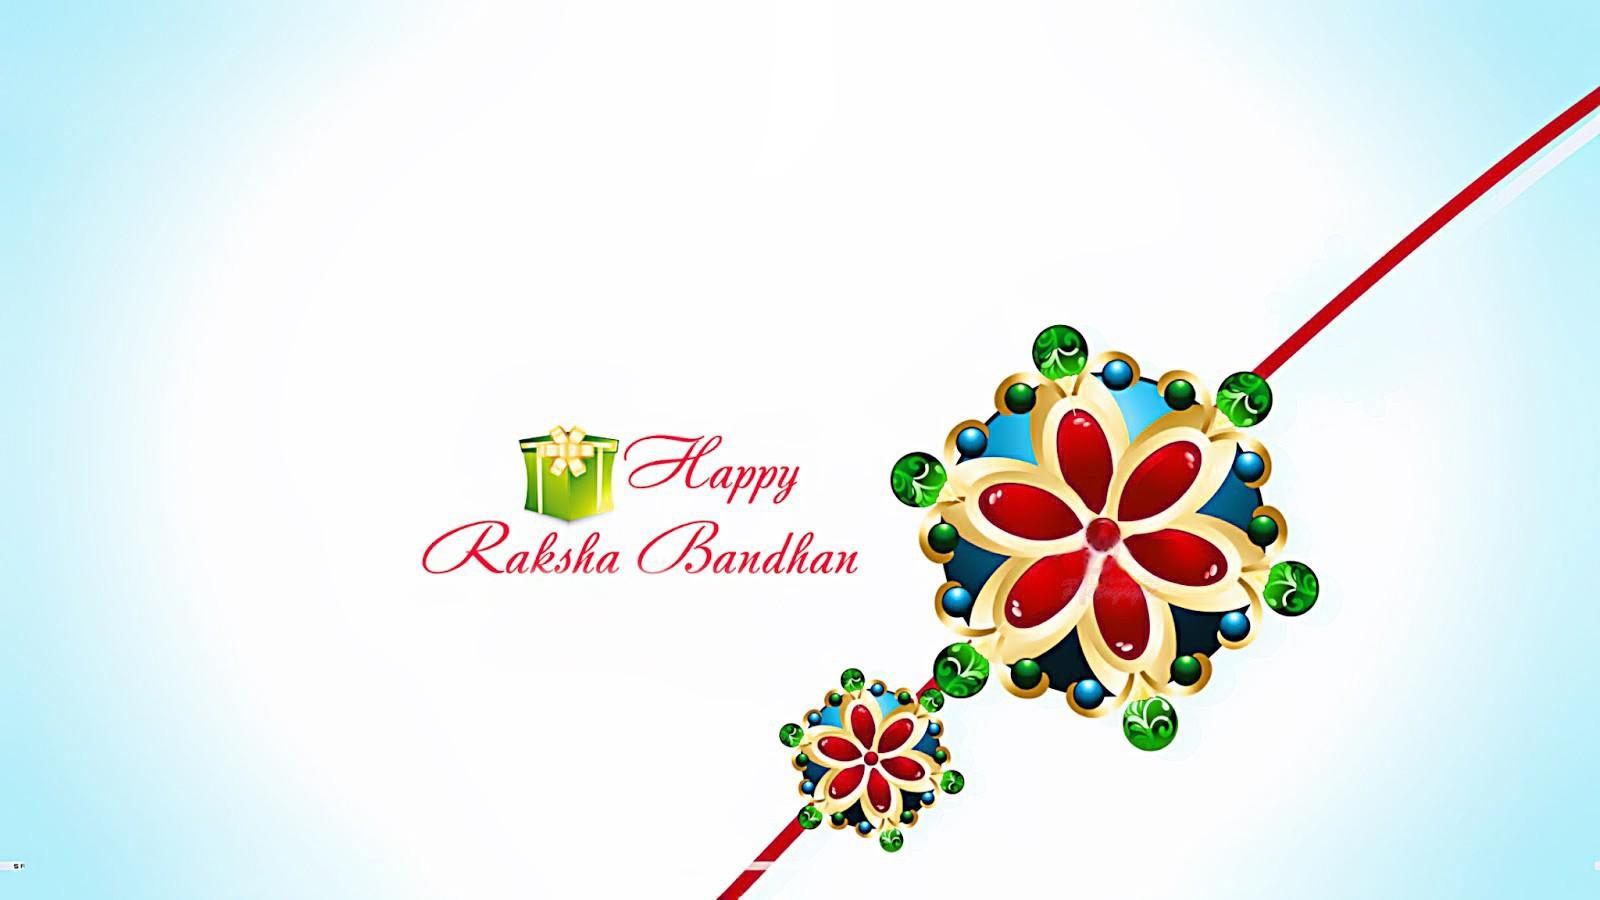 Raksha Bandhan Images Wallpaper Photo Pictures Free Download In HD